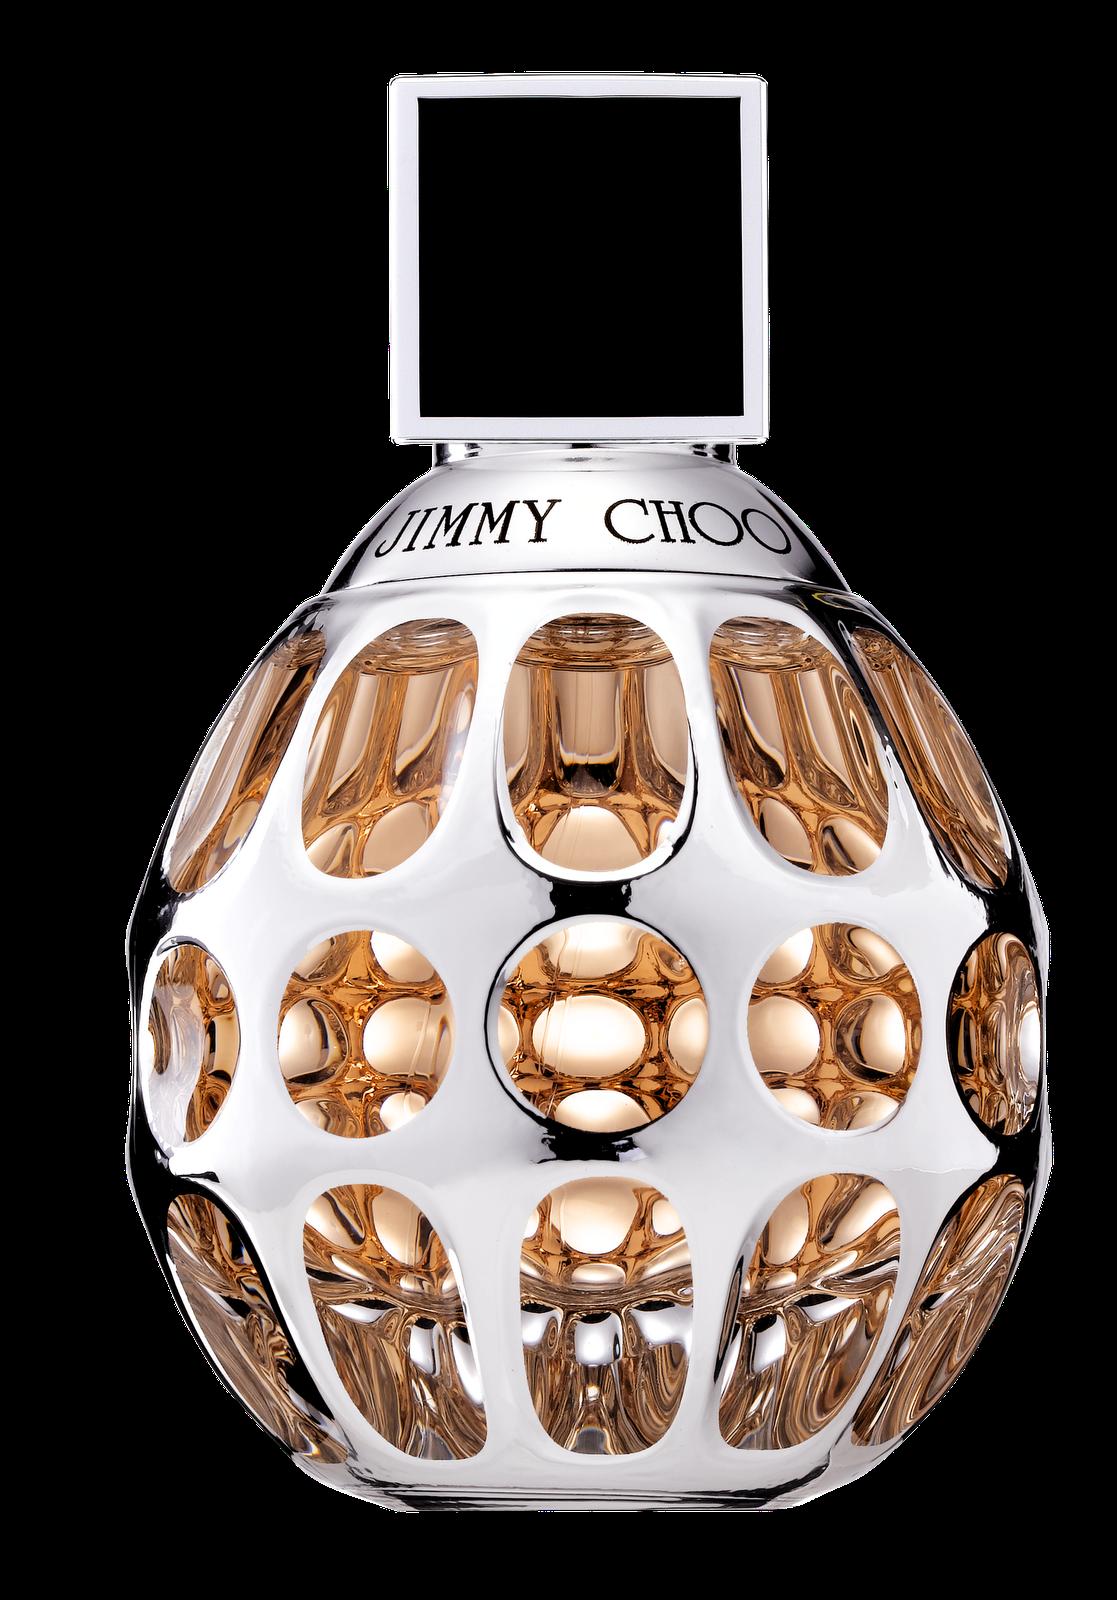 http://2.bp.blogspot.com/-geW8H_JkdL8/Tn8GKtrFxoI/AAAAAAAACOo/js8EilCAG9A/s1600/Jimmy+Choo+Parfum+bottle.png